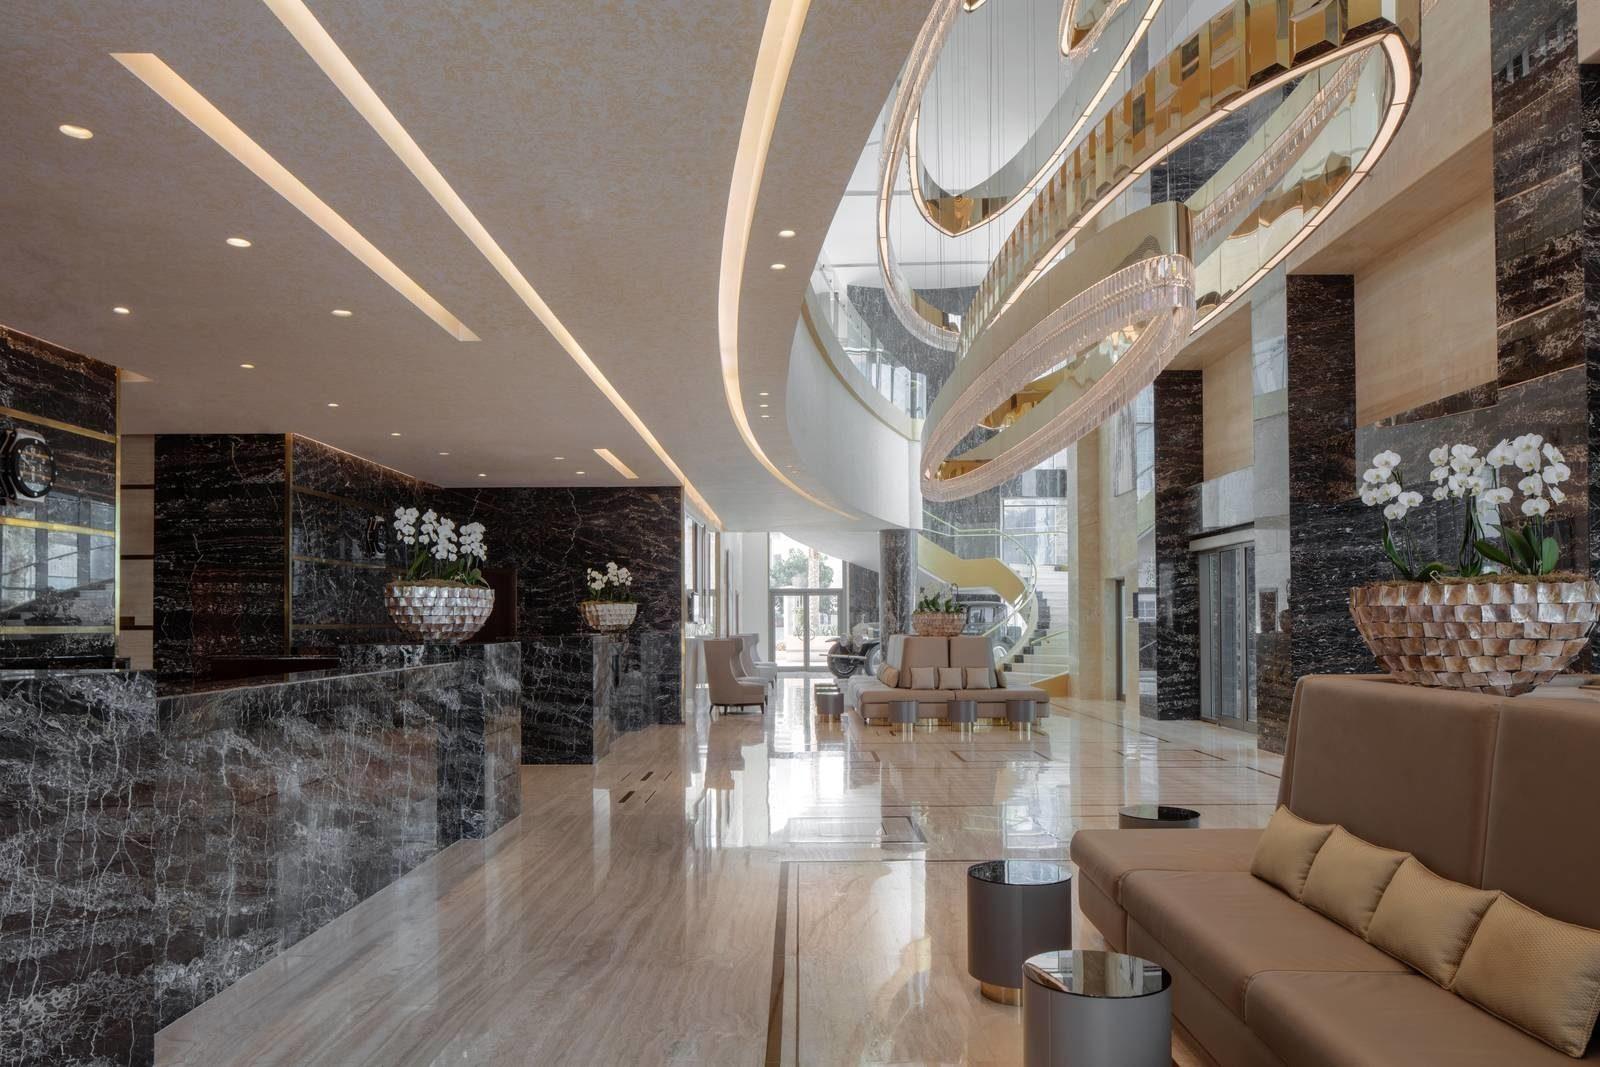 dusitdoha-hotel-Interior-Lobby